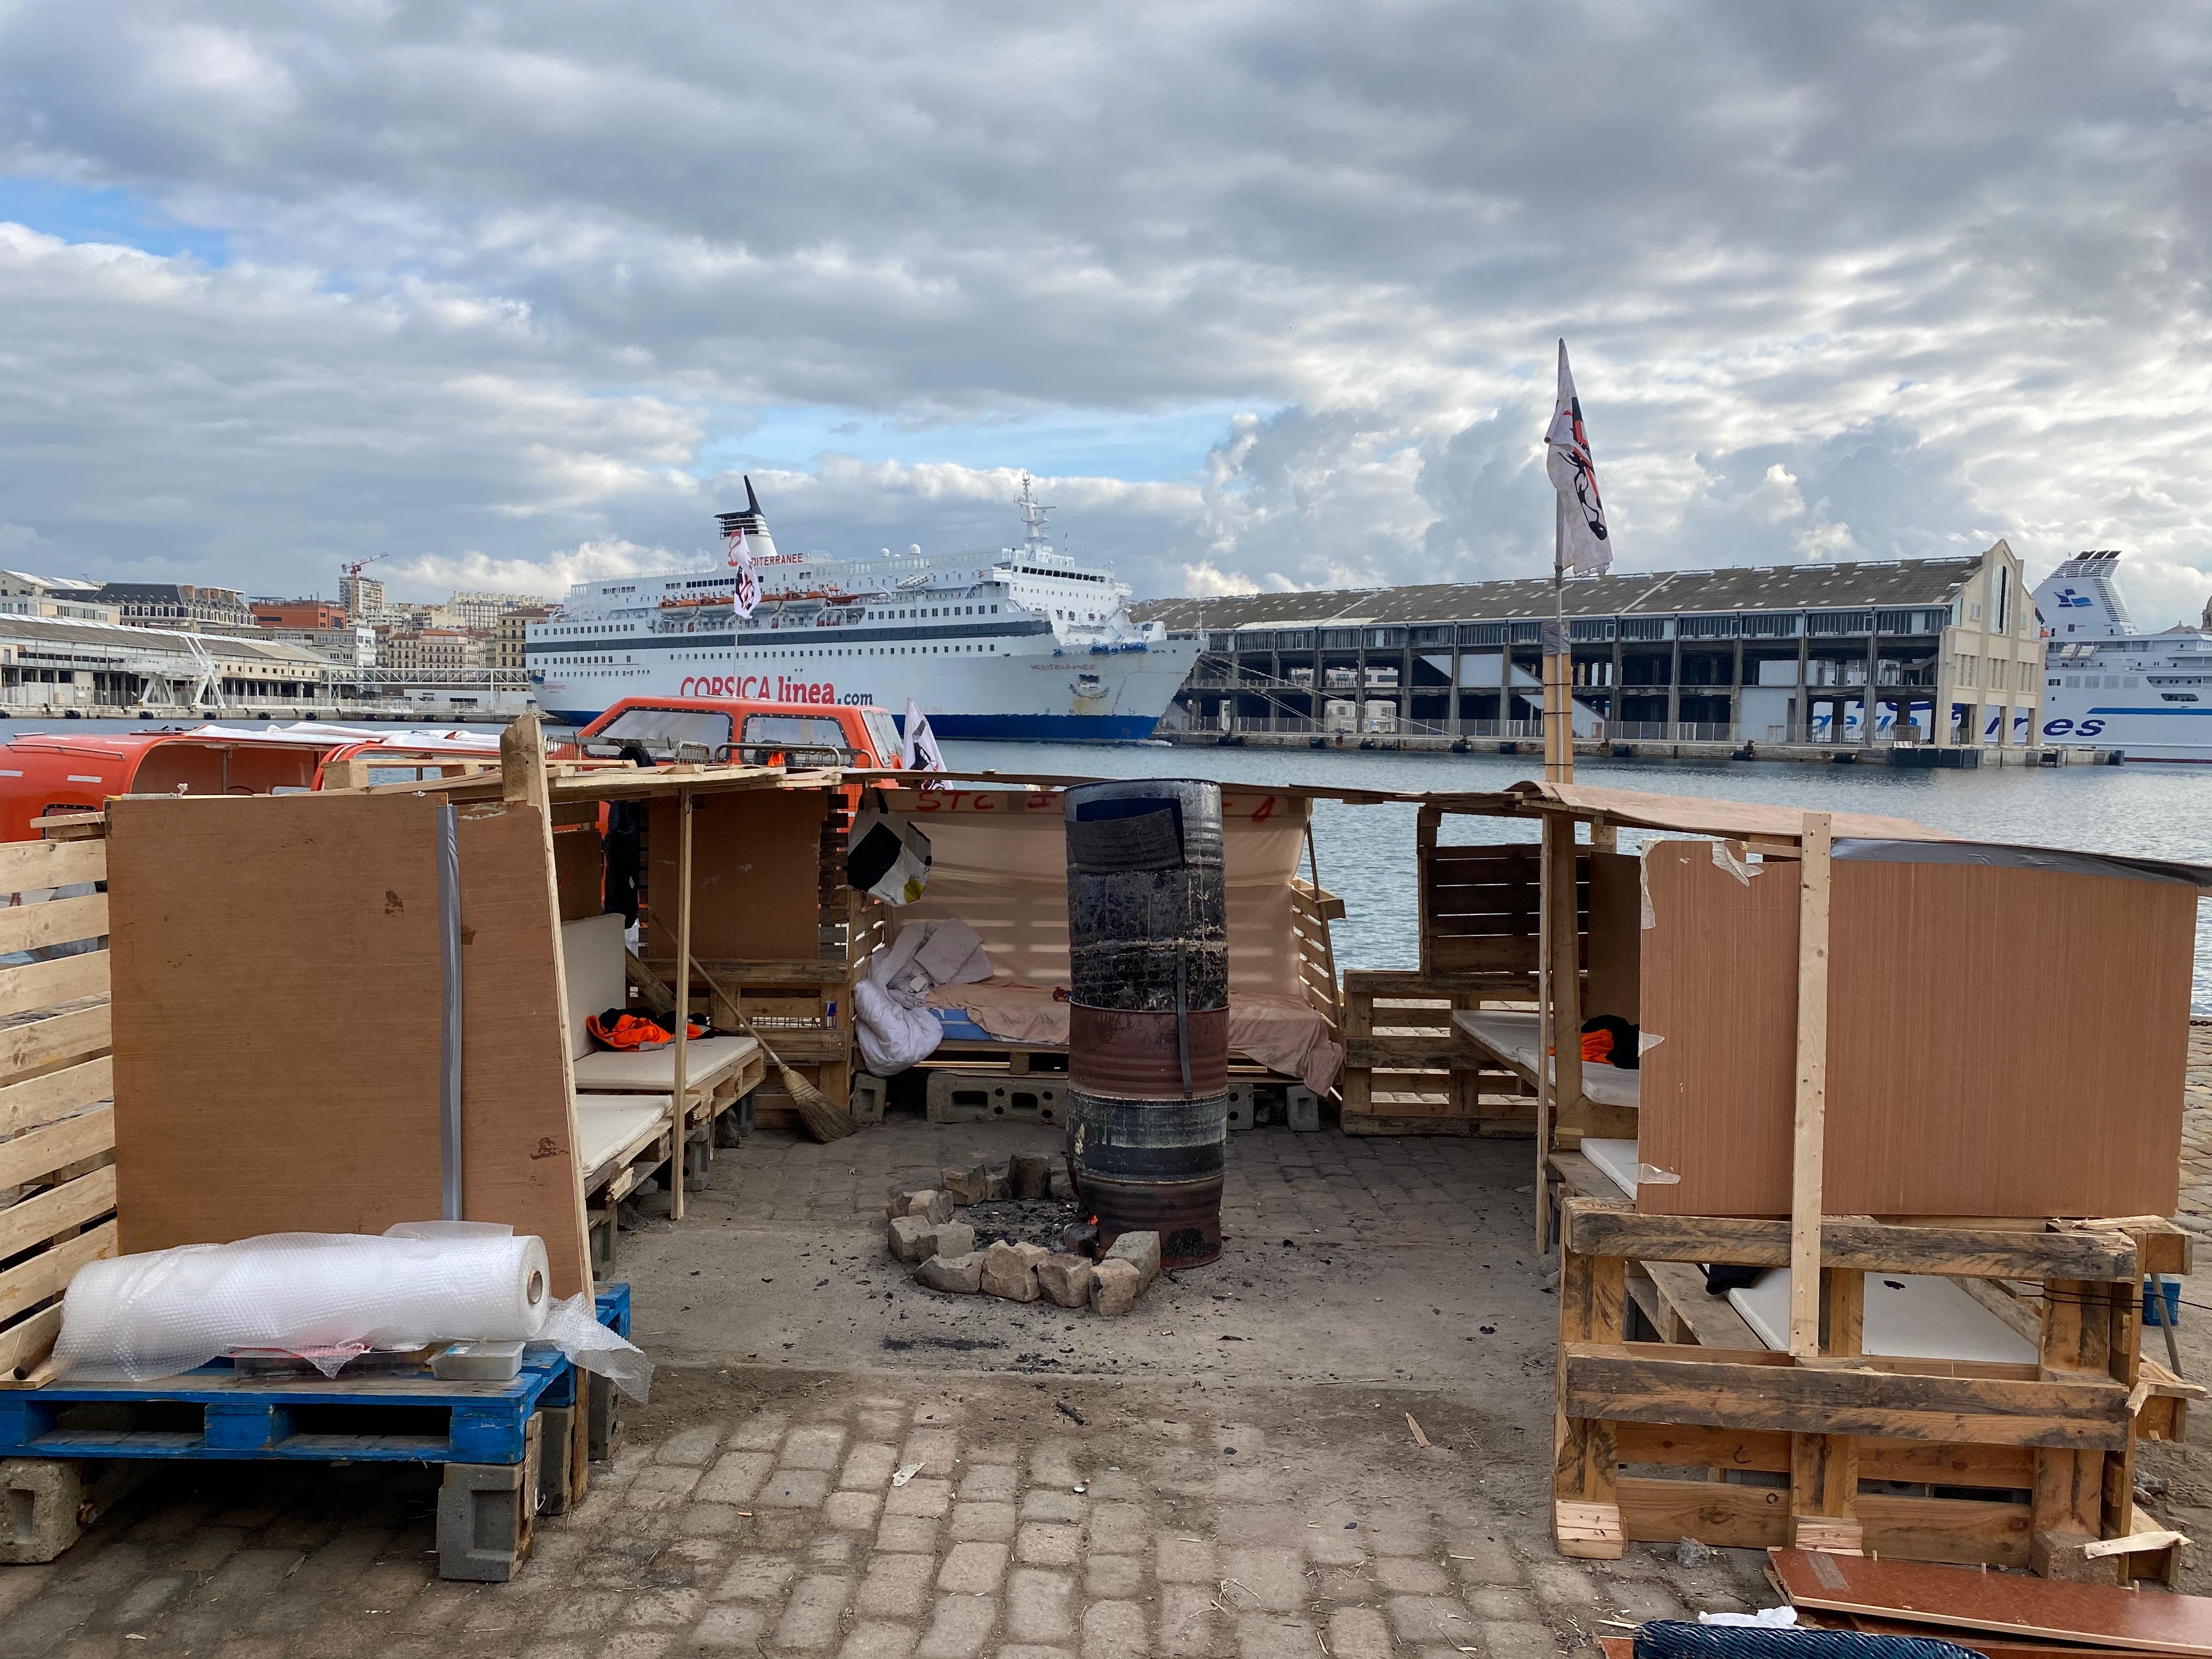 Le campement de fortune du STC sur le port de Marseille